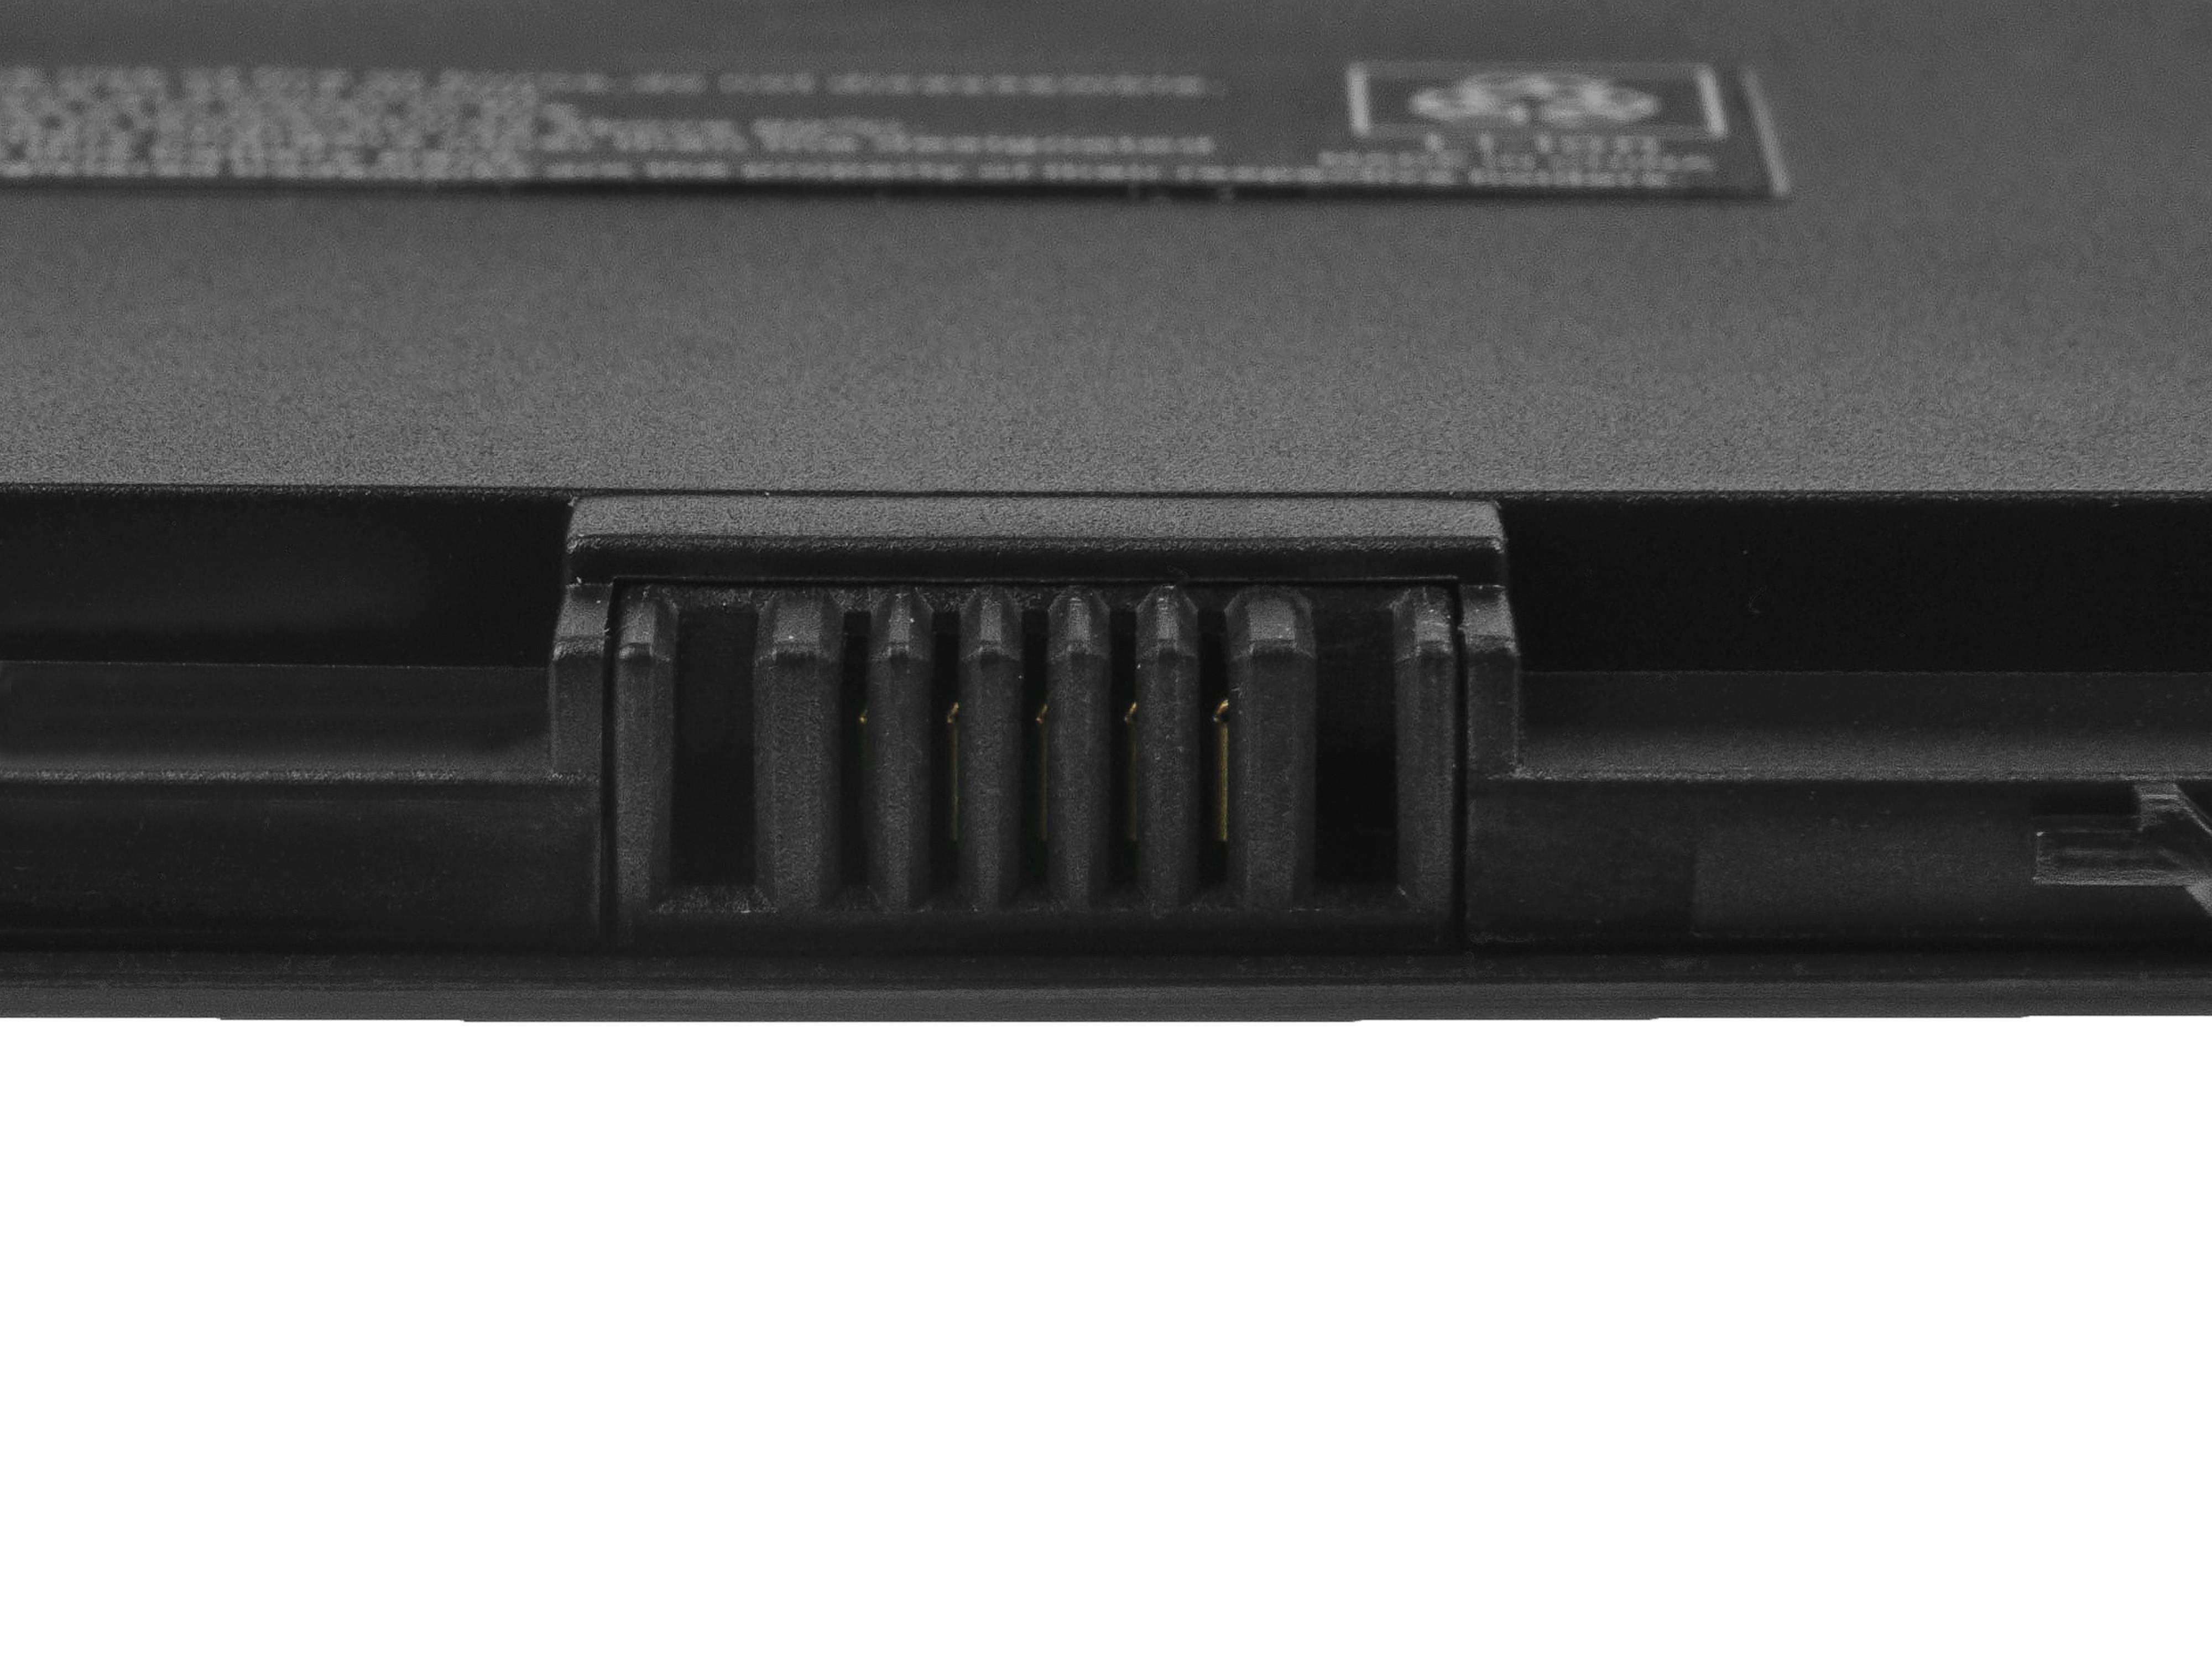 Batteri för HP 1000 1001 1005 1025 Compaq 700 730